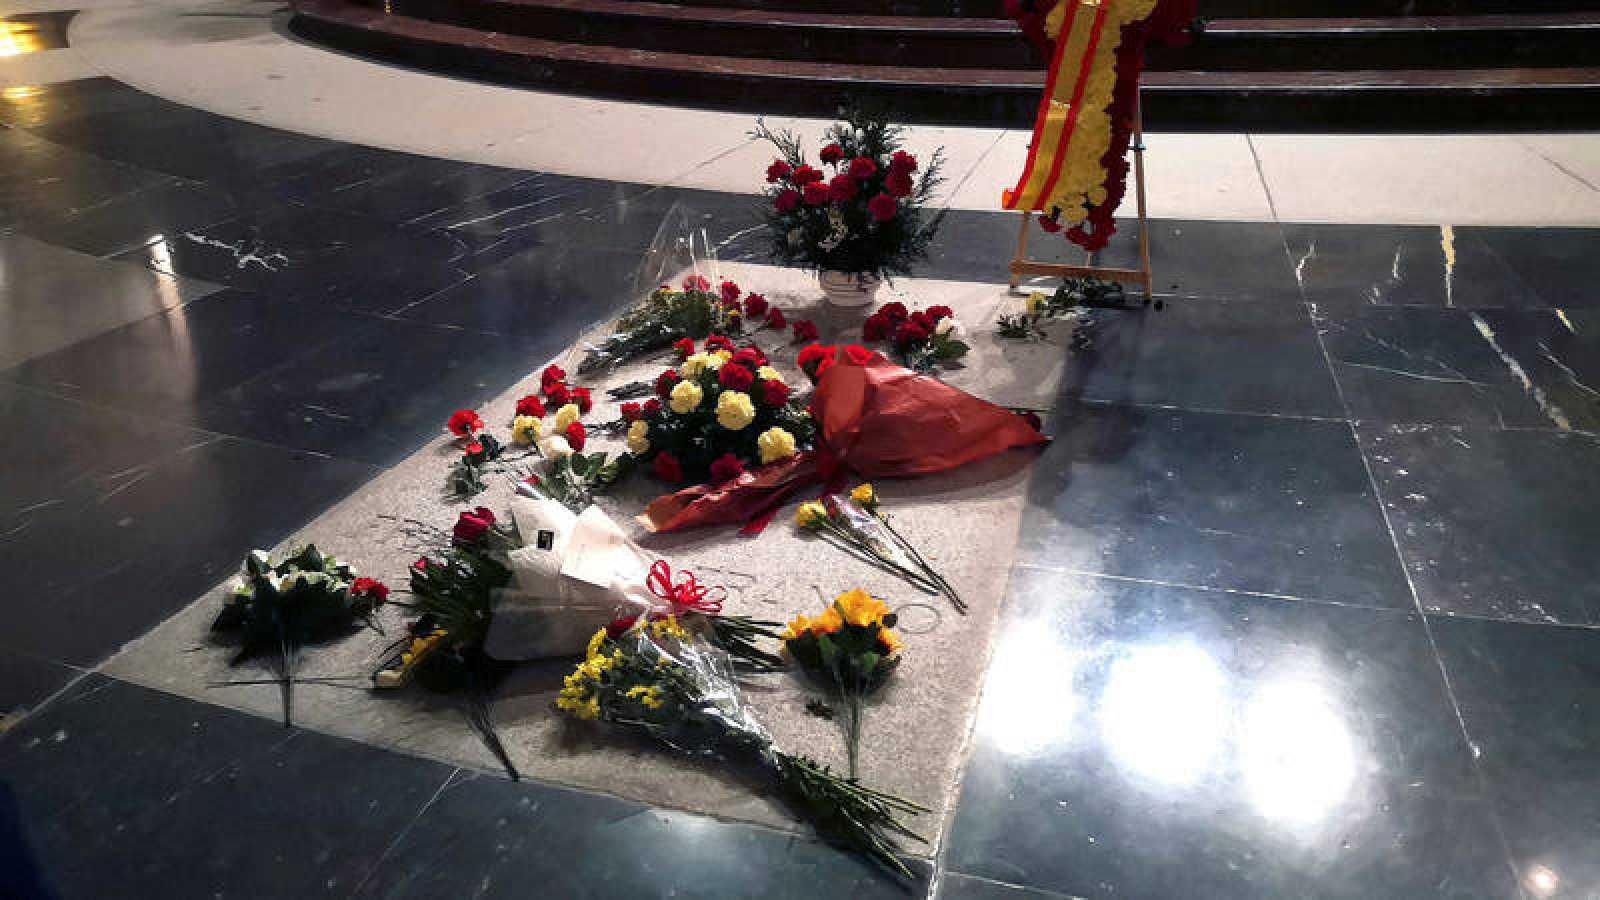 La tumba de Franco en la basílica del Valle de los caídos, llena de flores en el último aniversario de la muerte del dictador.